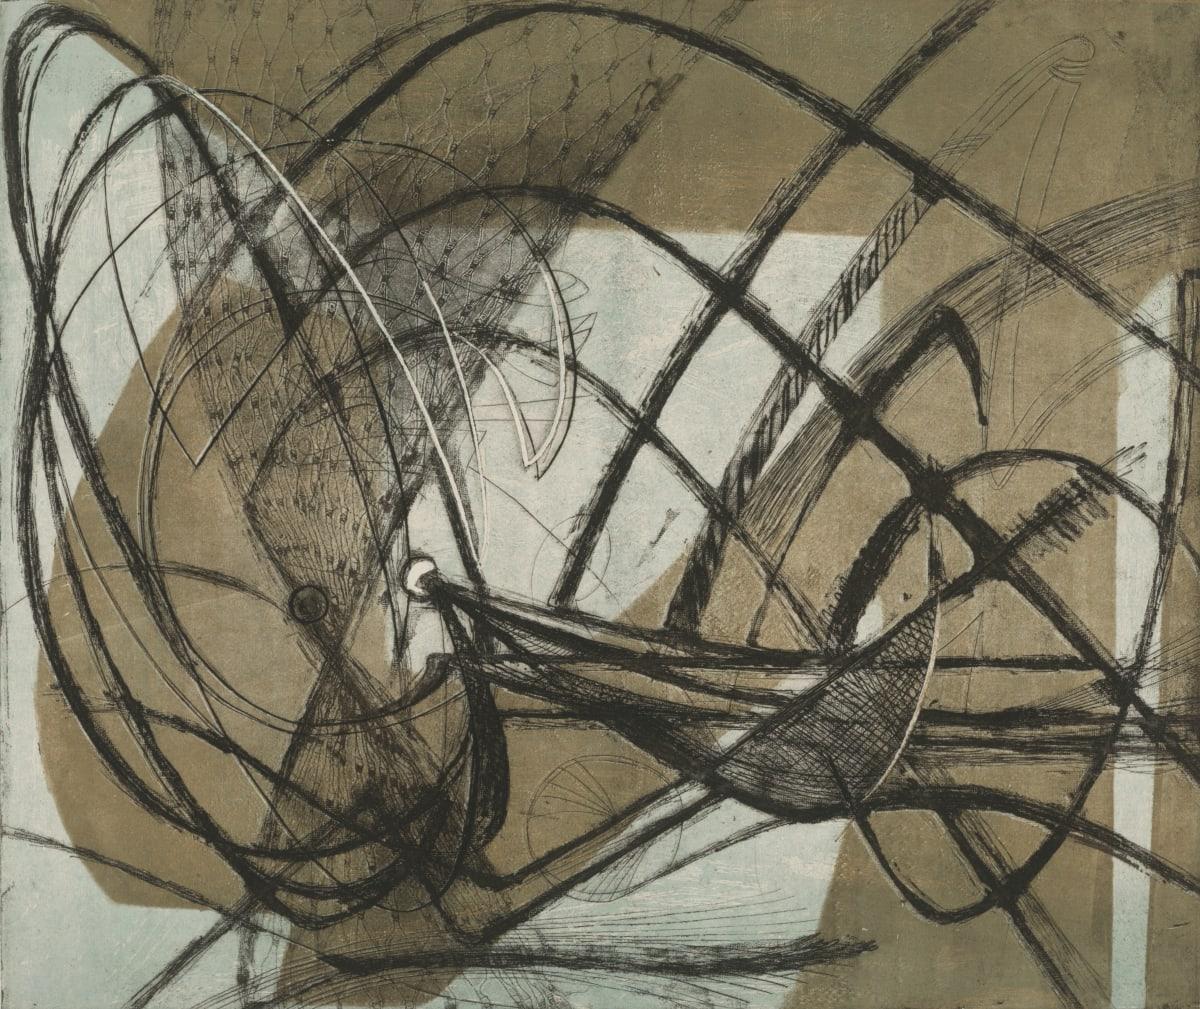 Minna Citron, Squid Under Pier, 1948-49